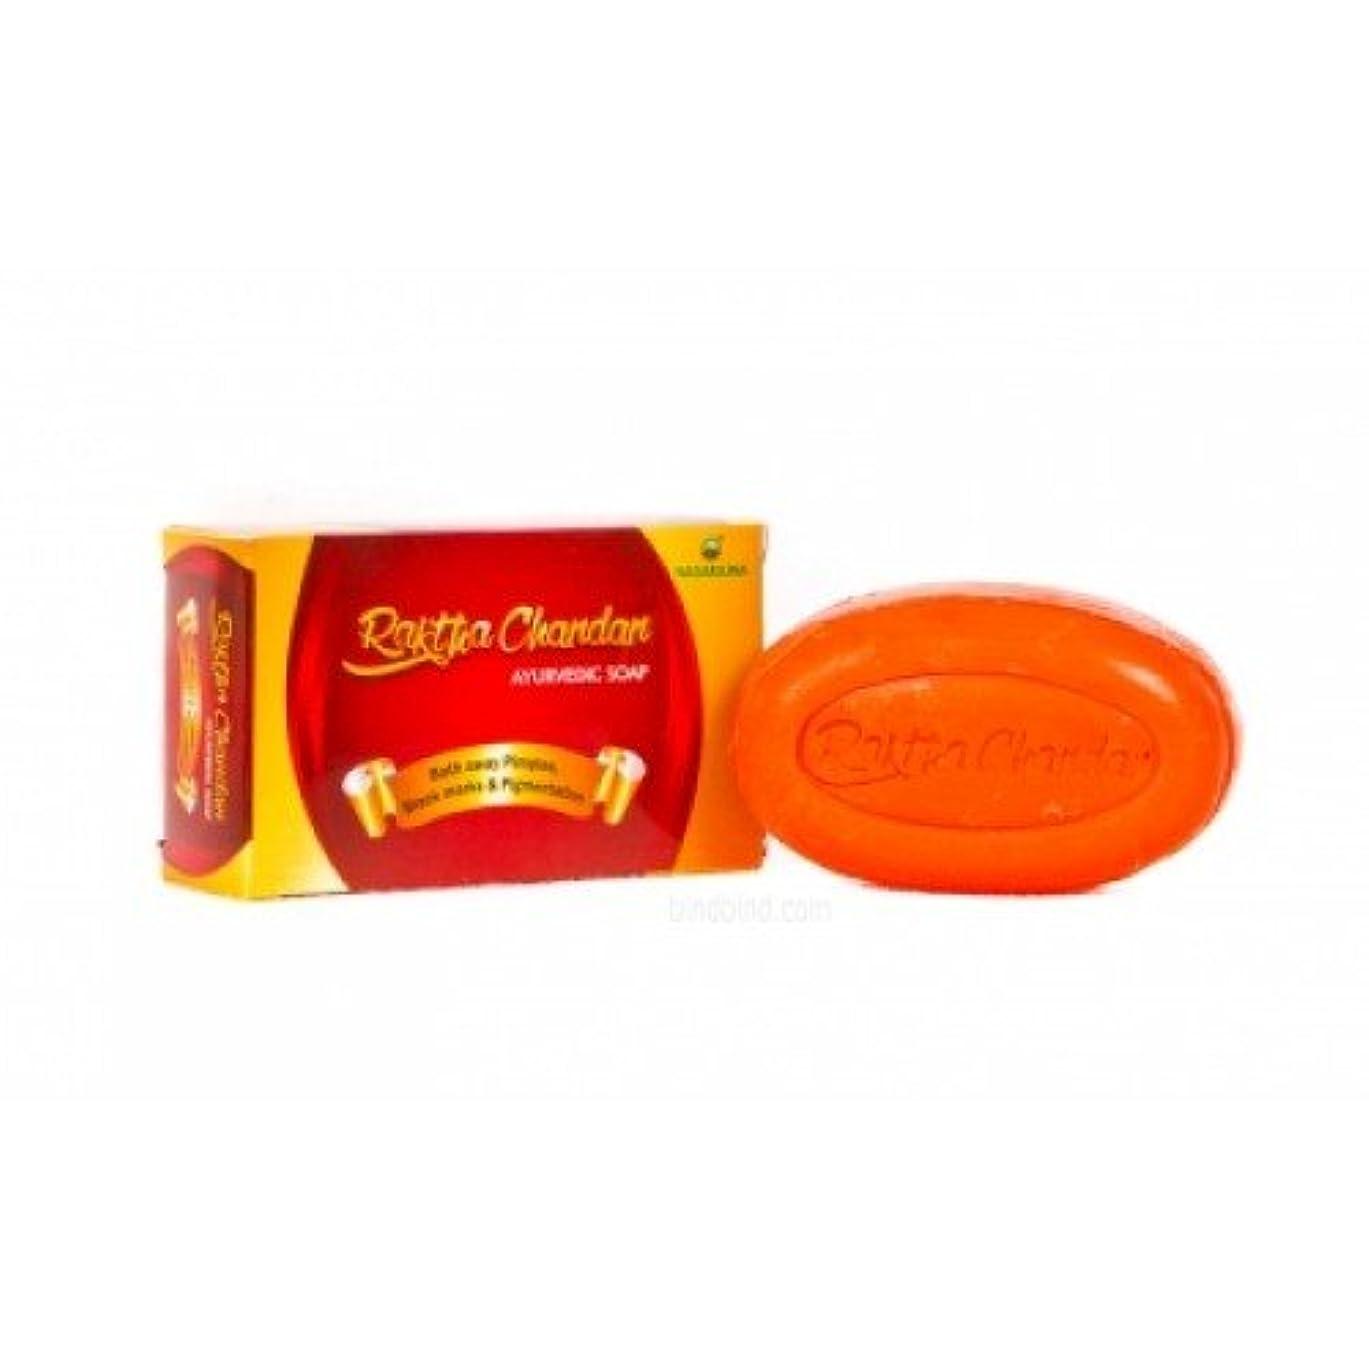 ウサギ有名亜熱帯Nagarjuna Raktha Chandan Ayurvedic Soap Best For Glowing Skin